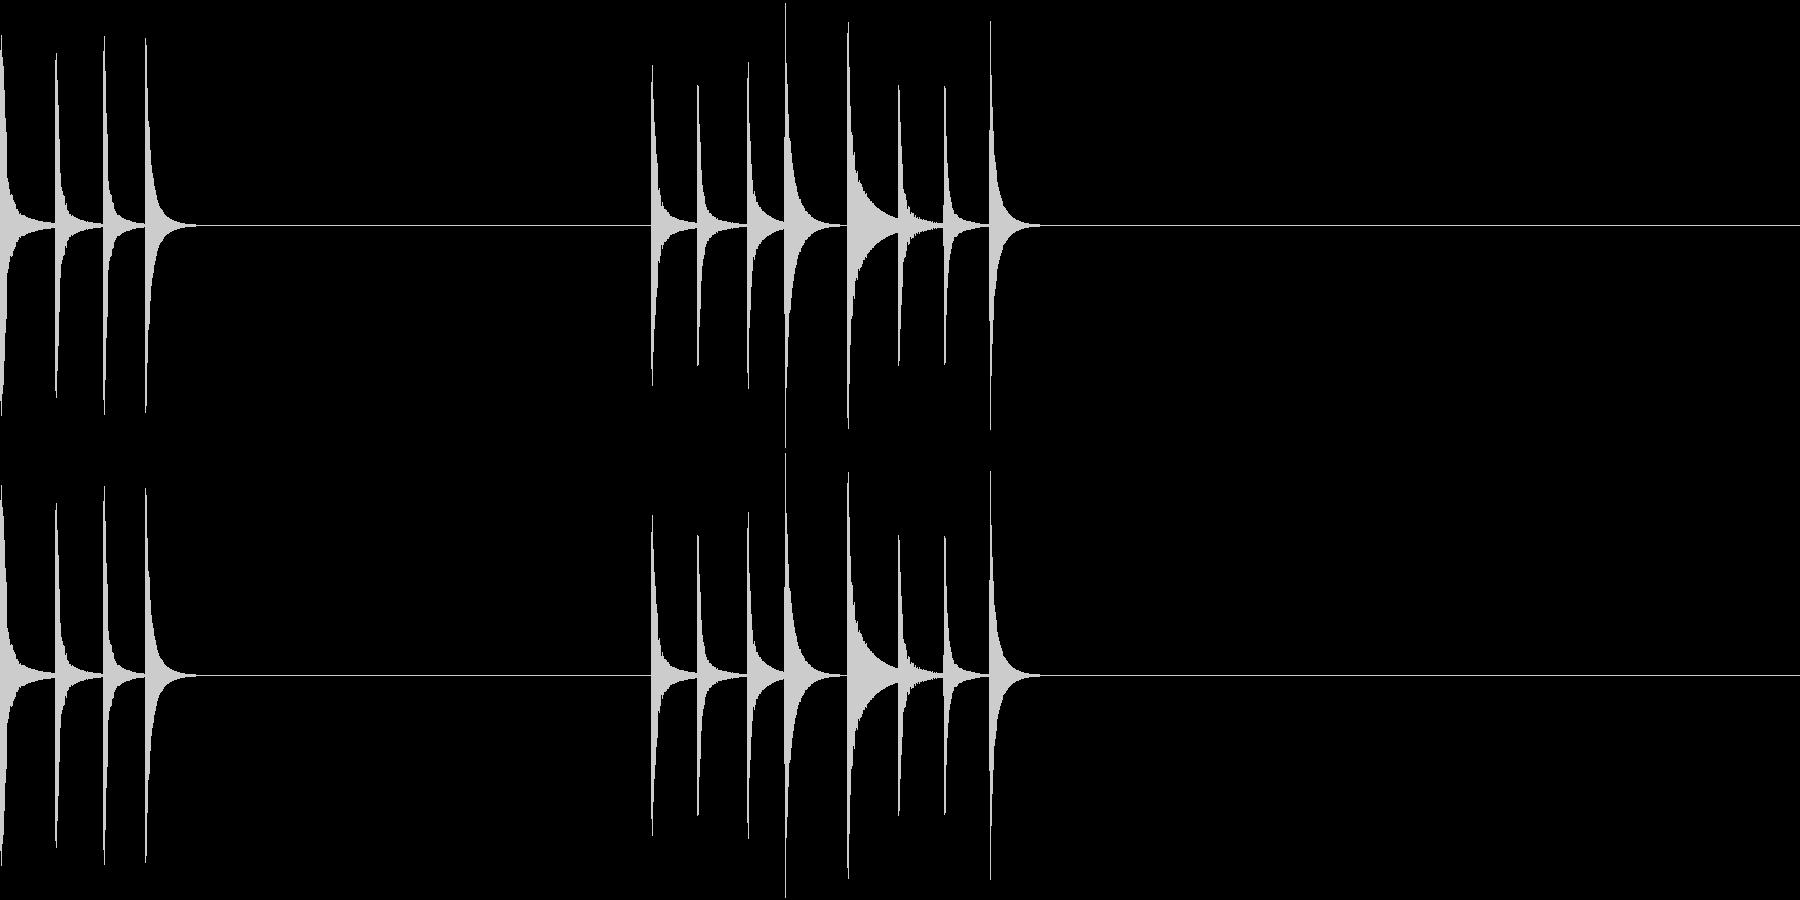 可愛らしいマリンバの通知音(長)の未再生の波形